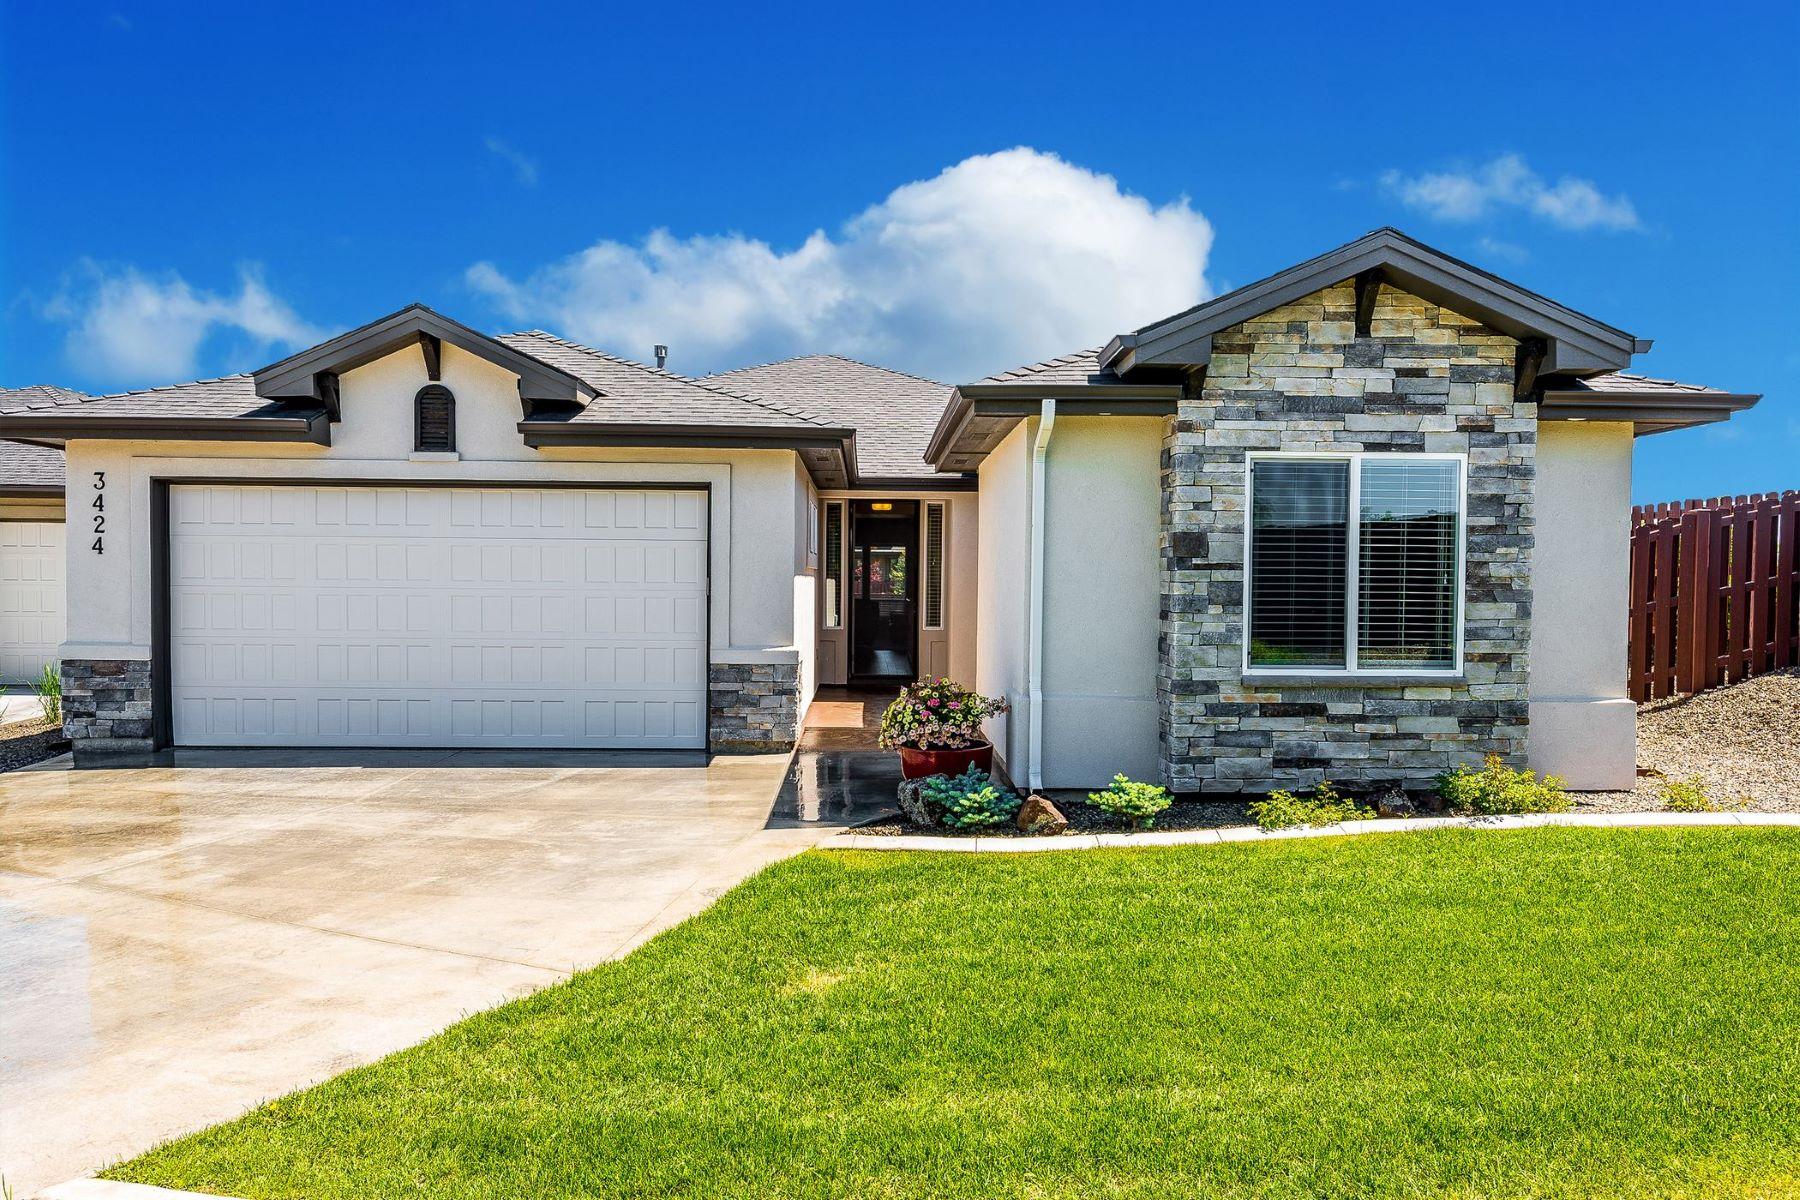 Maison unifamiliale pour l Vente à 3424 Fox Leash Place, Eagle 3424 S Fox Leash Pl Eagle, Idaho, 83616 États-Unis